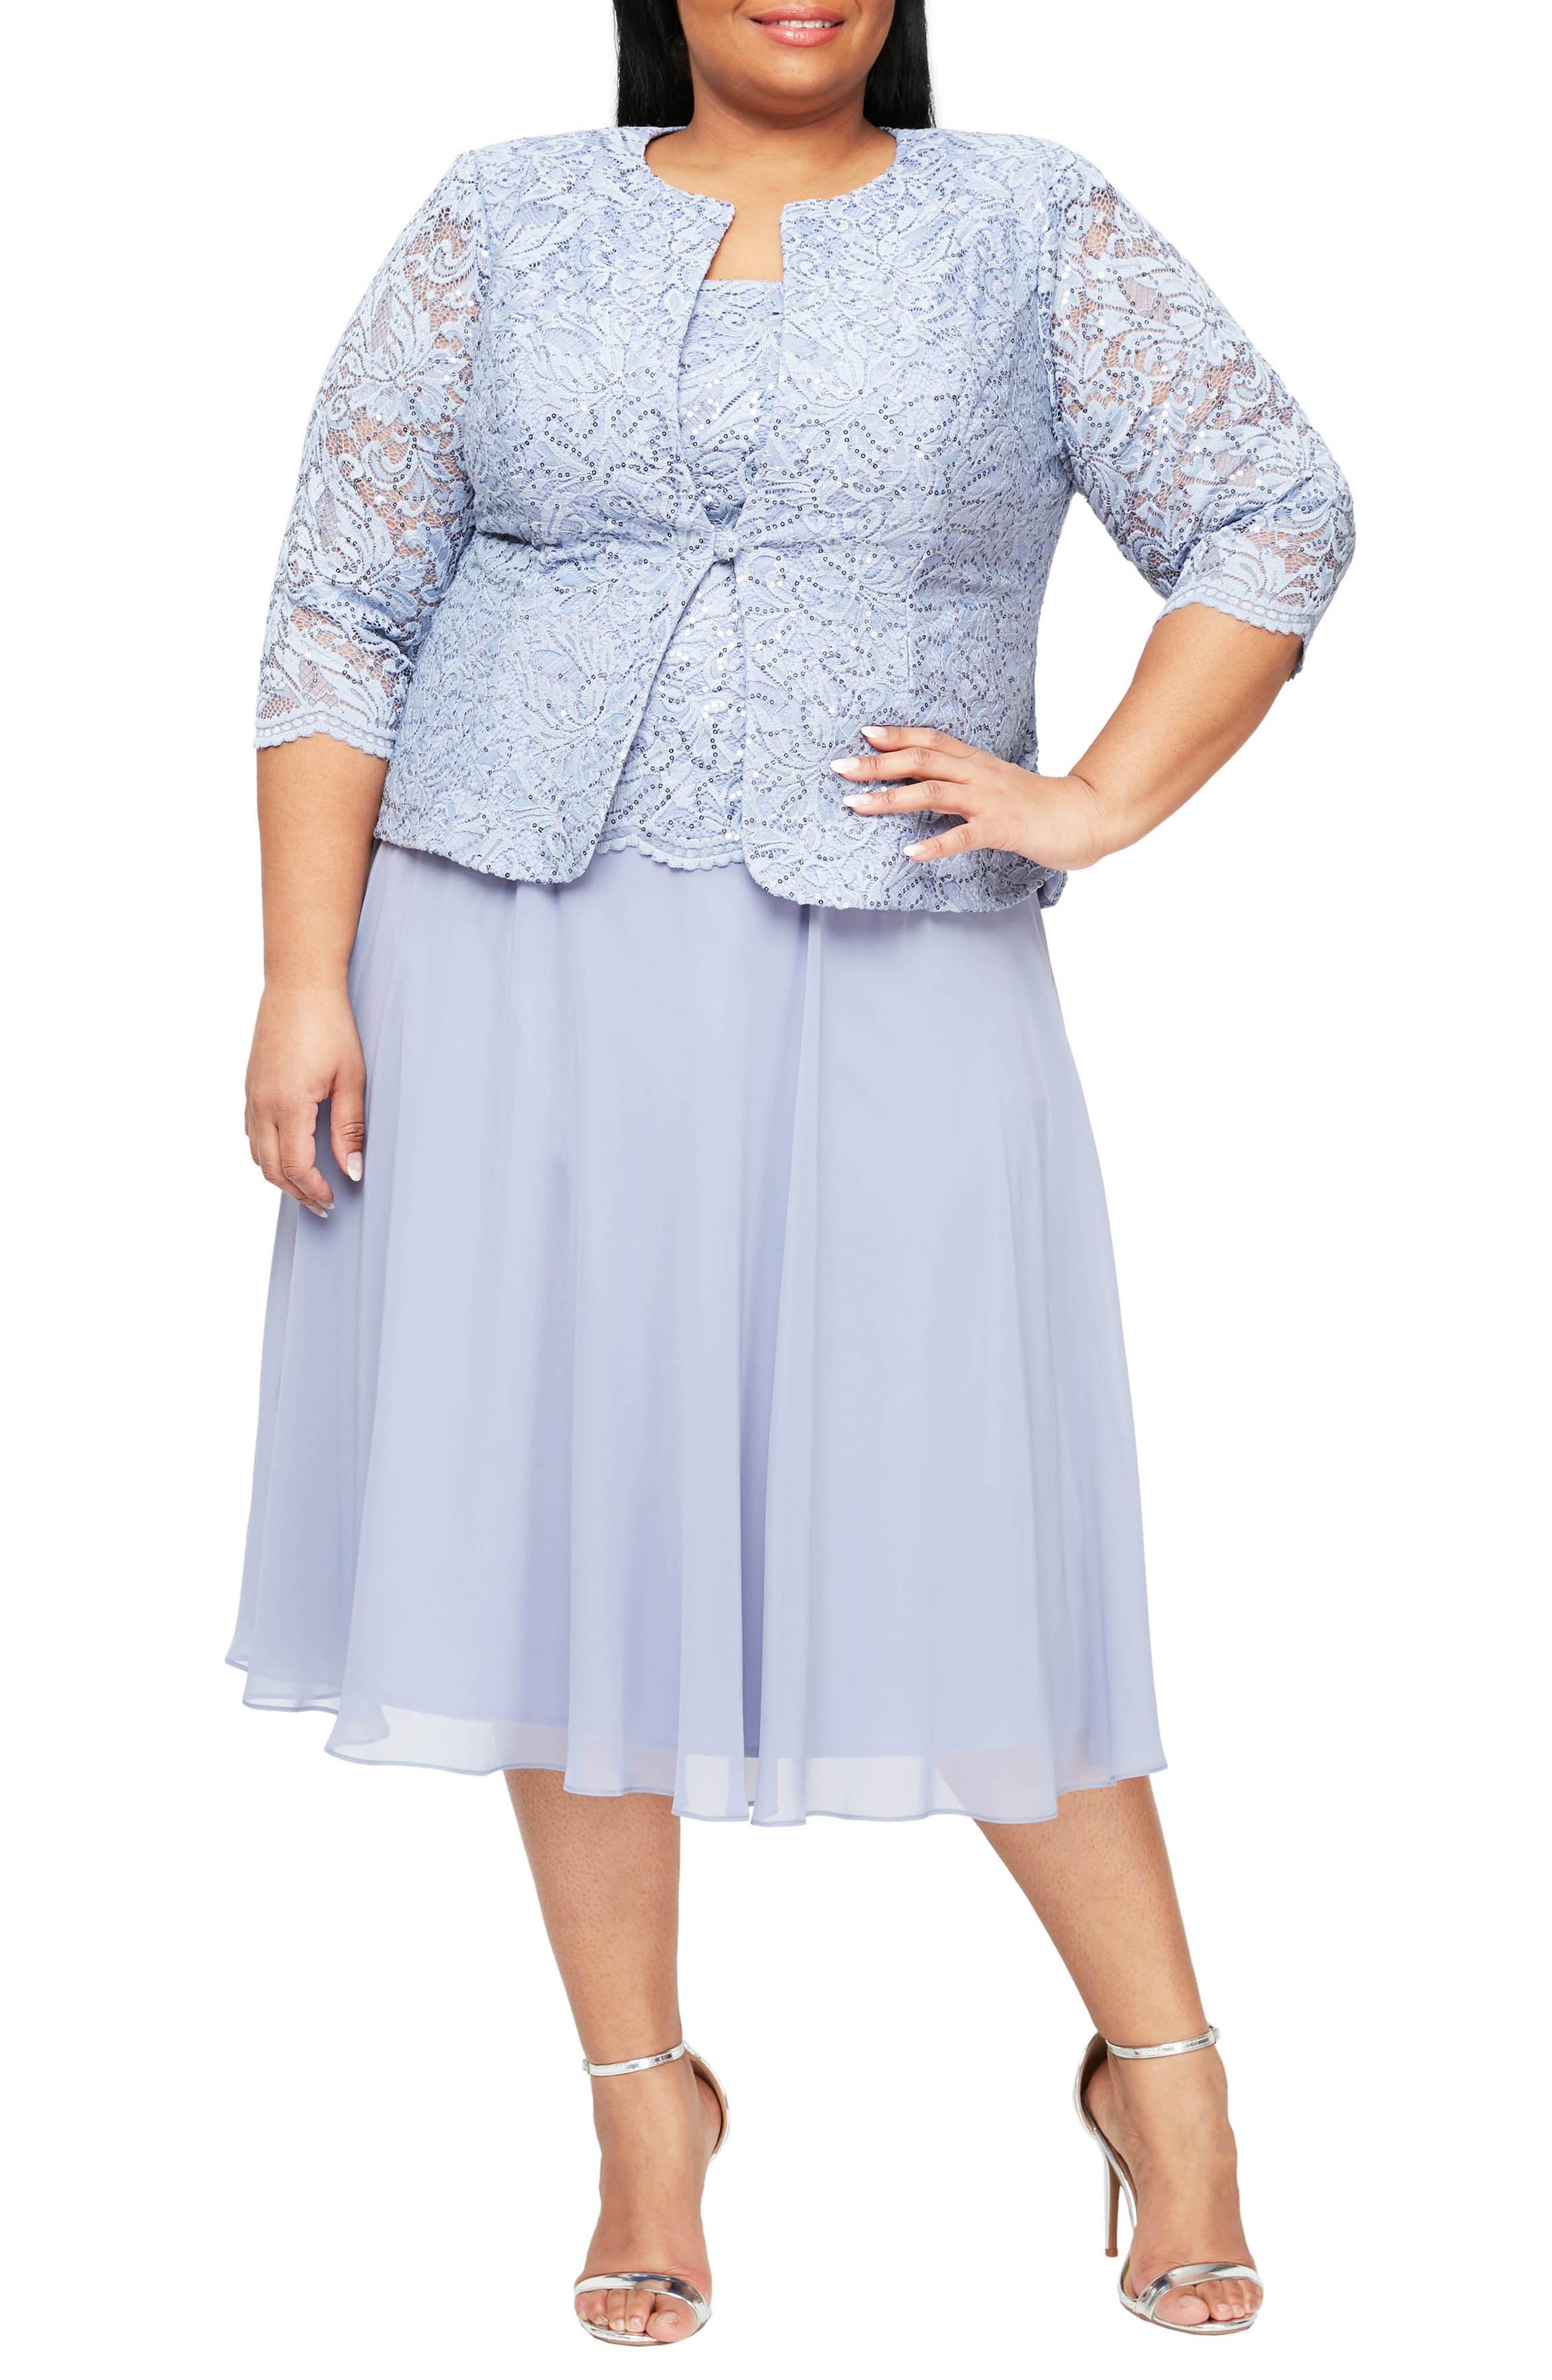 Black Regular and Plus Sizes XL Alex Evenings Womens Long Dress Skirt